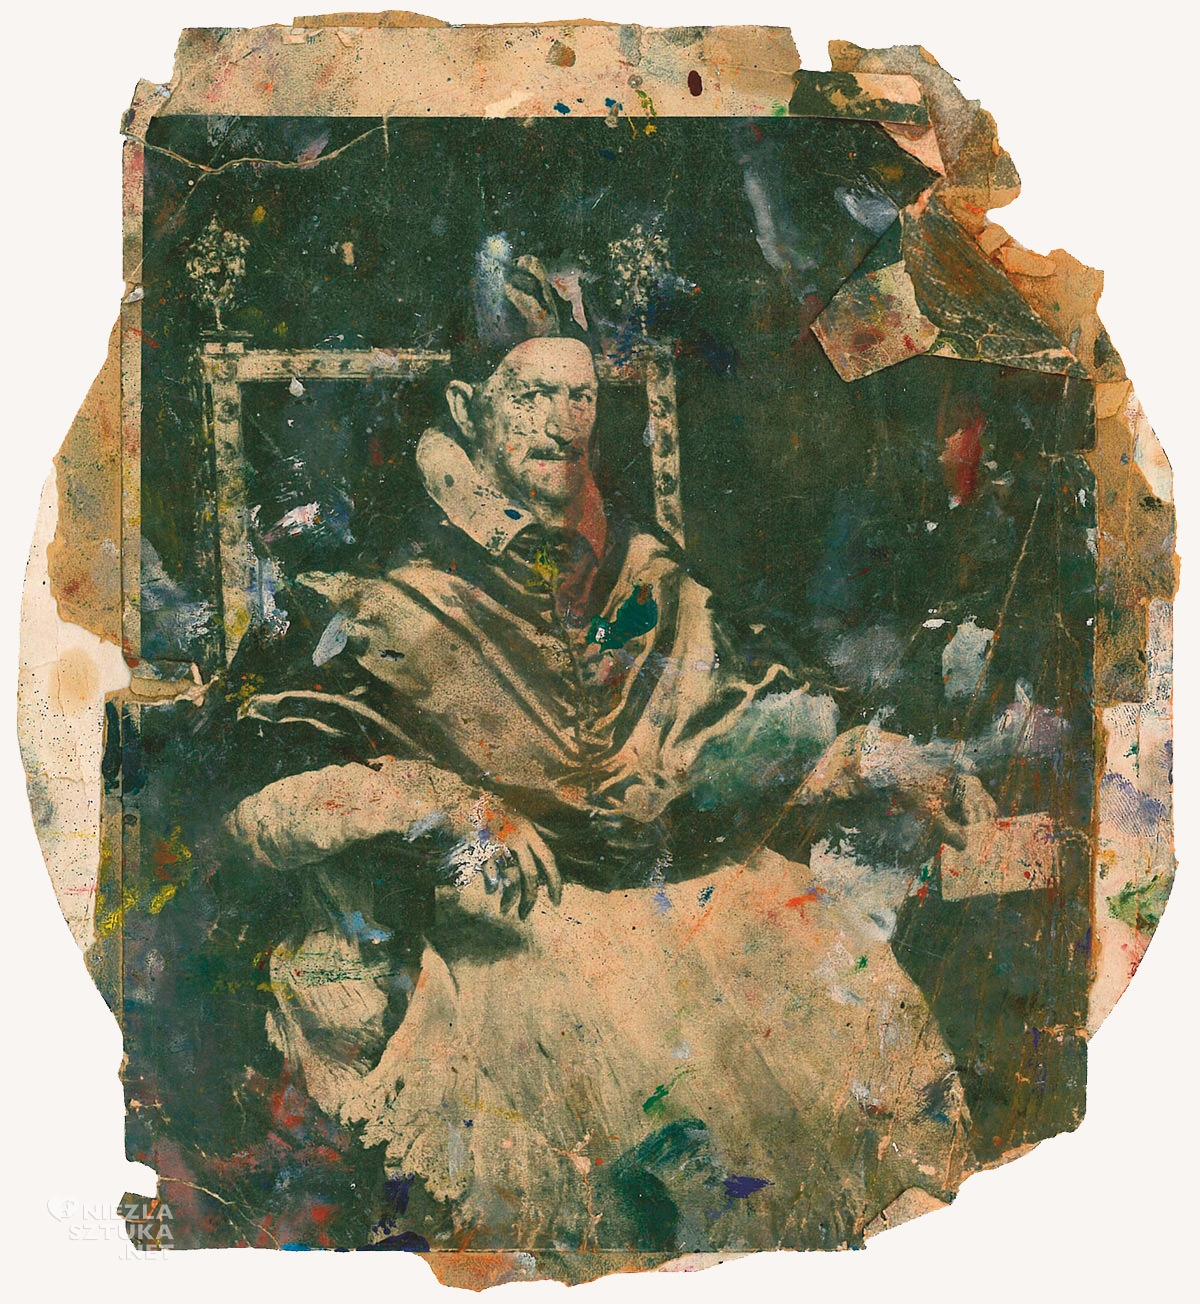 Bacon, Velázquez, niezła sztuka